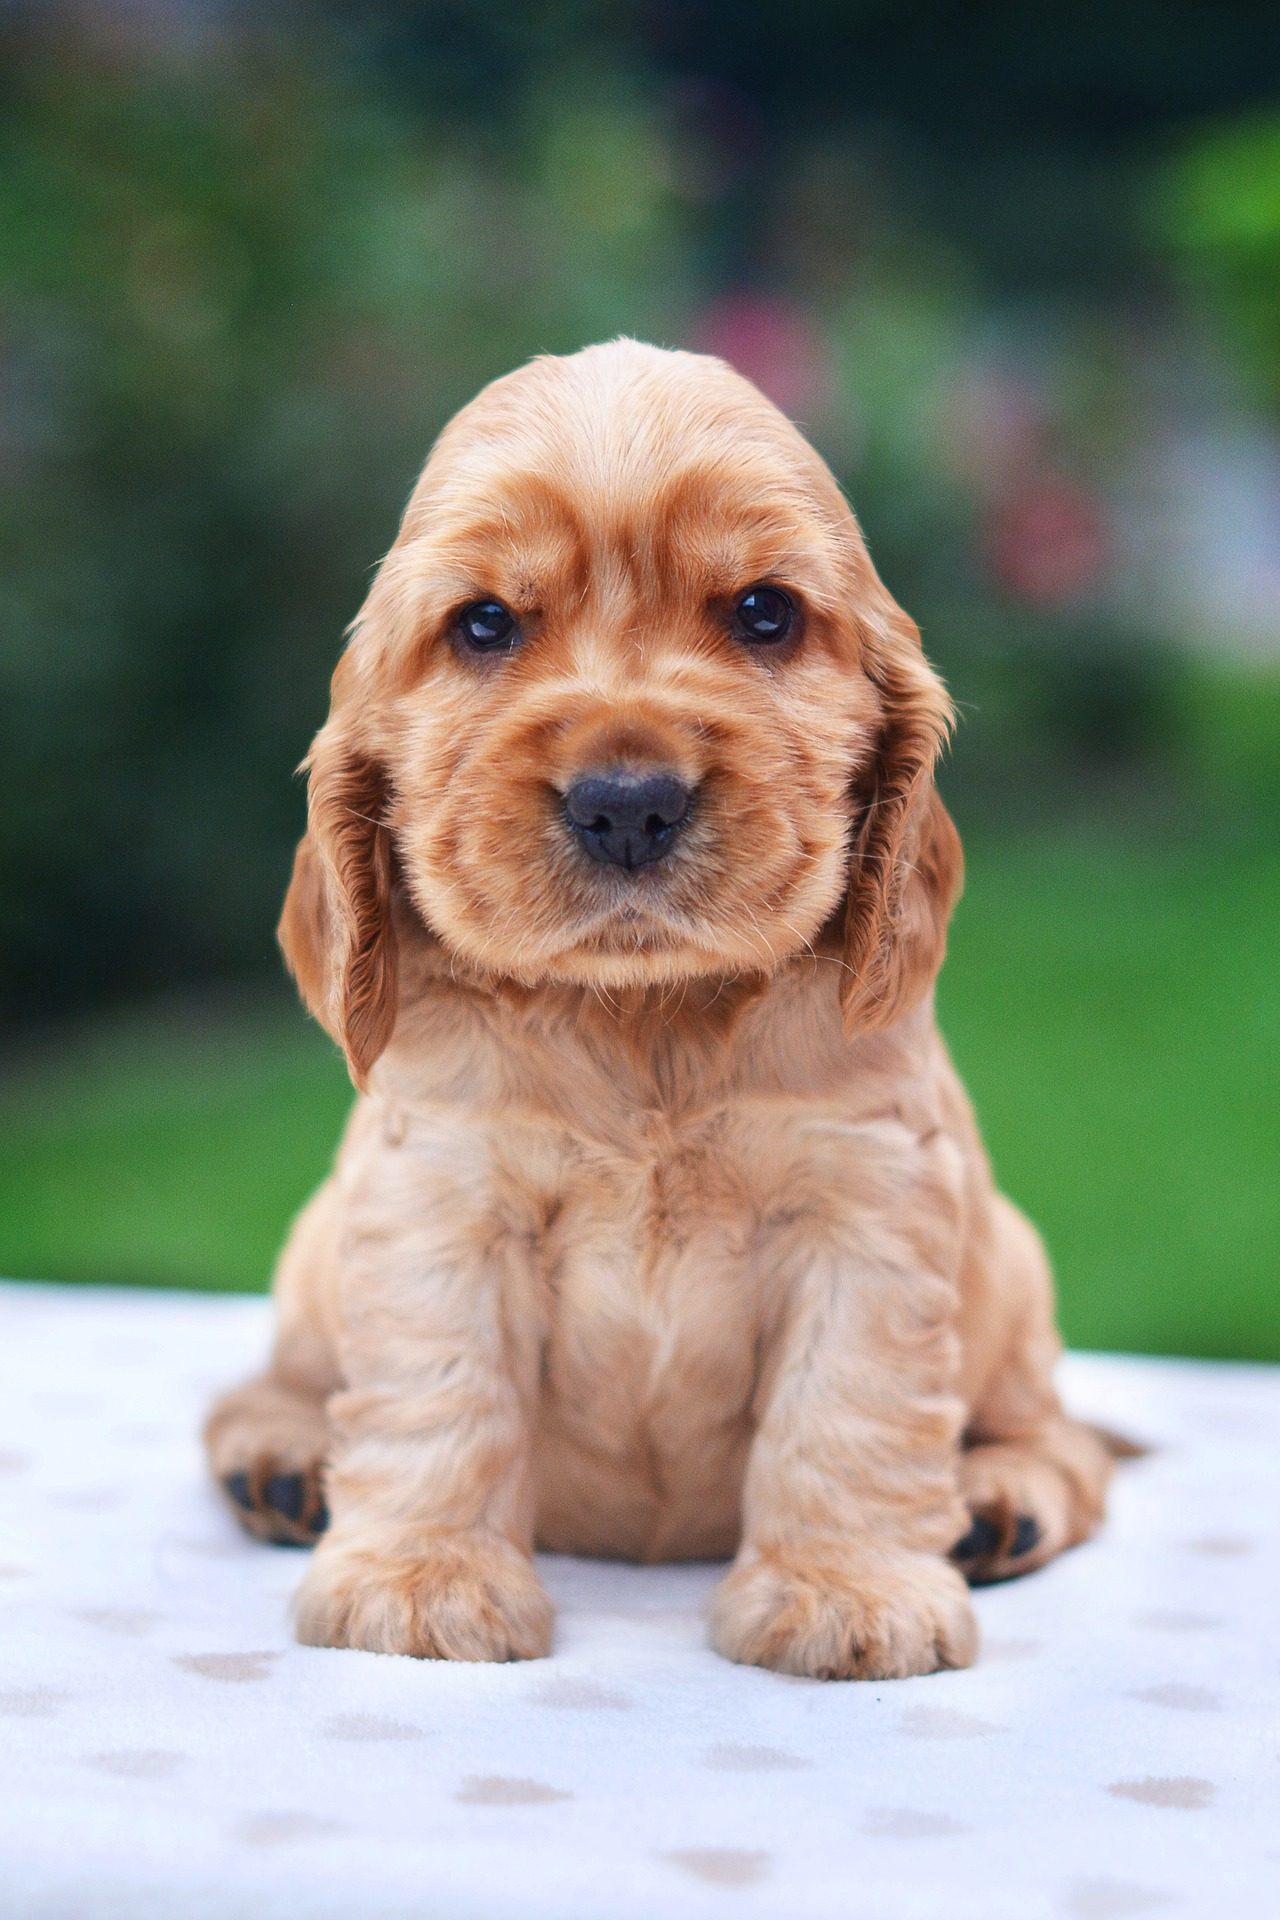 子犬, 犬, ペット, 毛皮, 外観, コッカー ・ スパニエル - HD の壁紙 - 教授-falken.com